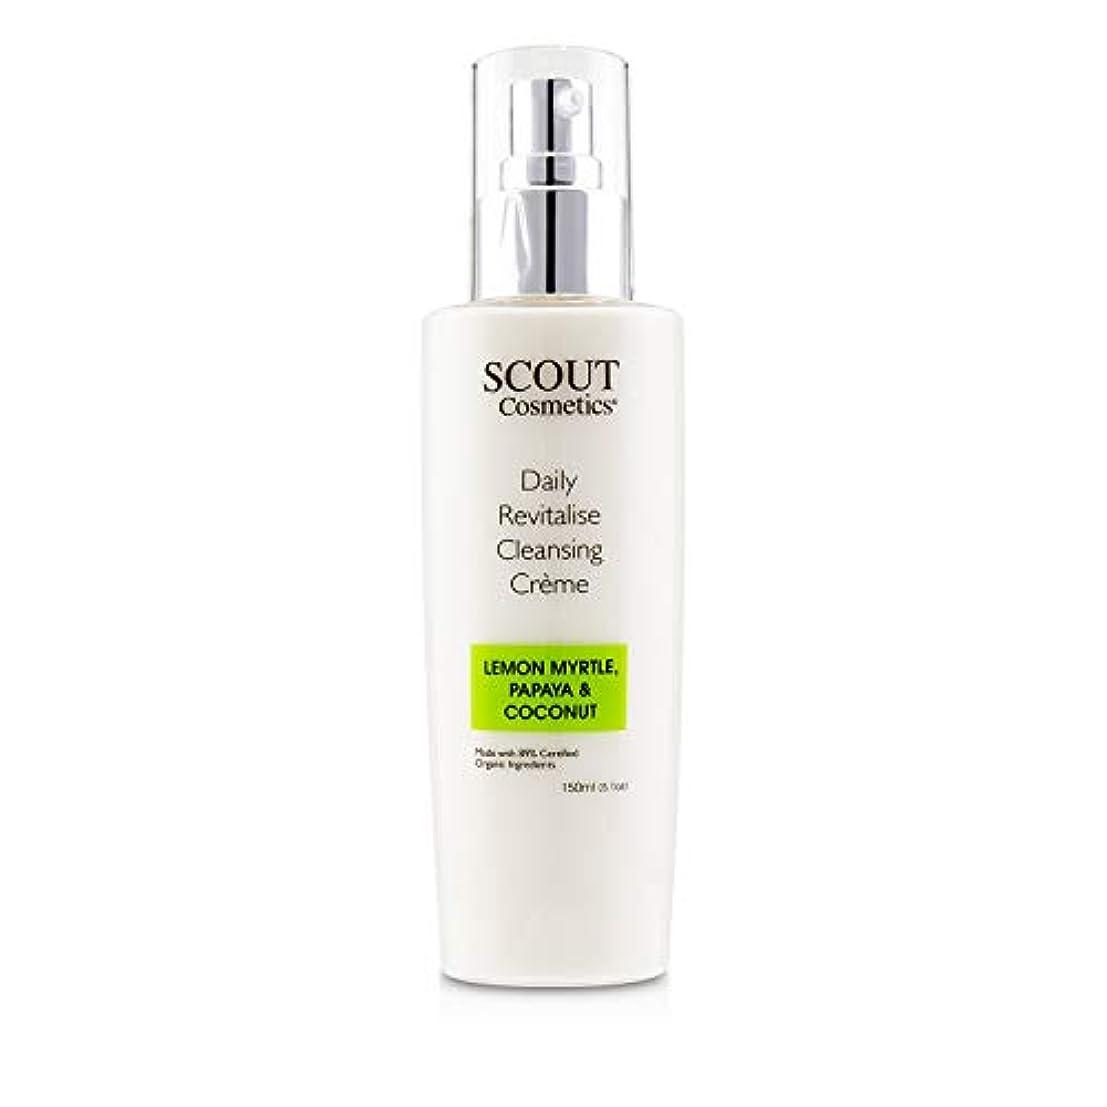 酸実行する分数SCOUT Cosmetics Daily Revitalise Cleansing Creme with Lemon Myrtle, Papaya & Coconut 150ml/5.1oz並行輸入品